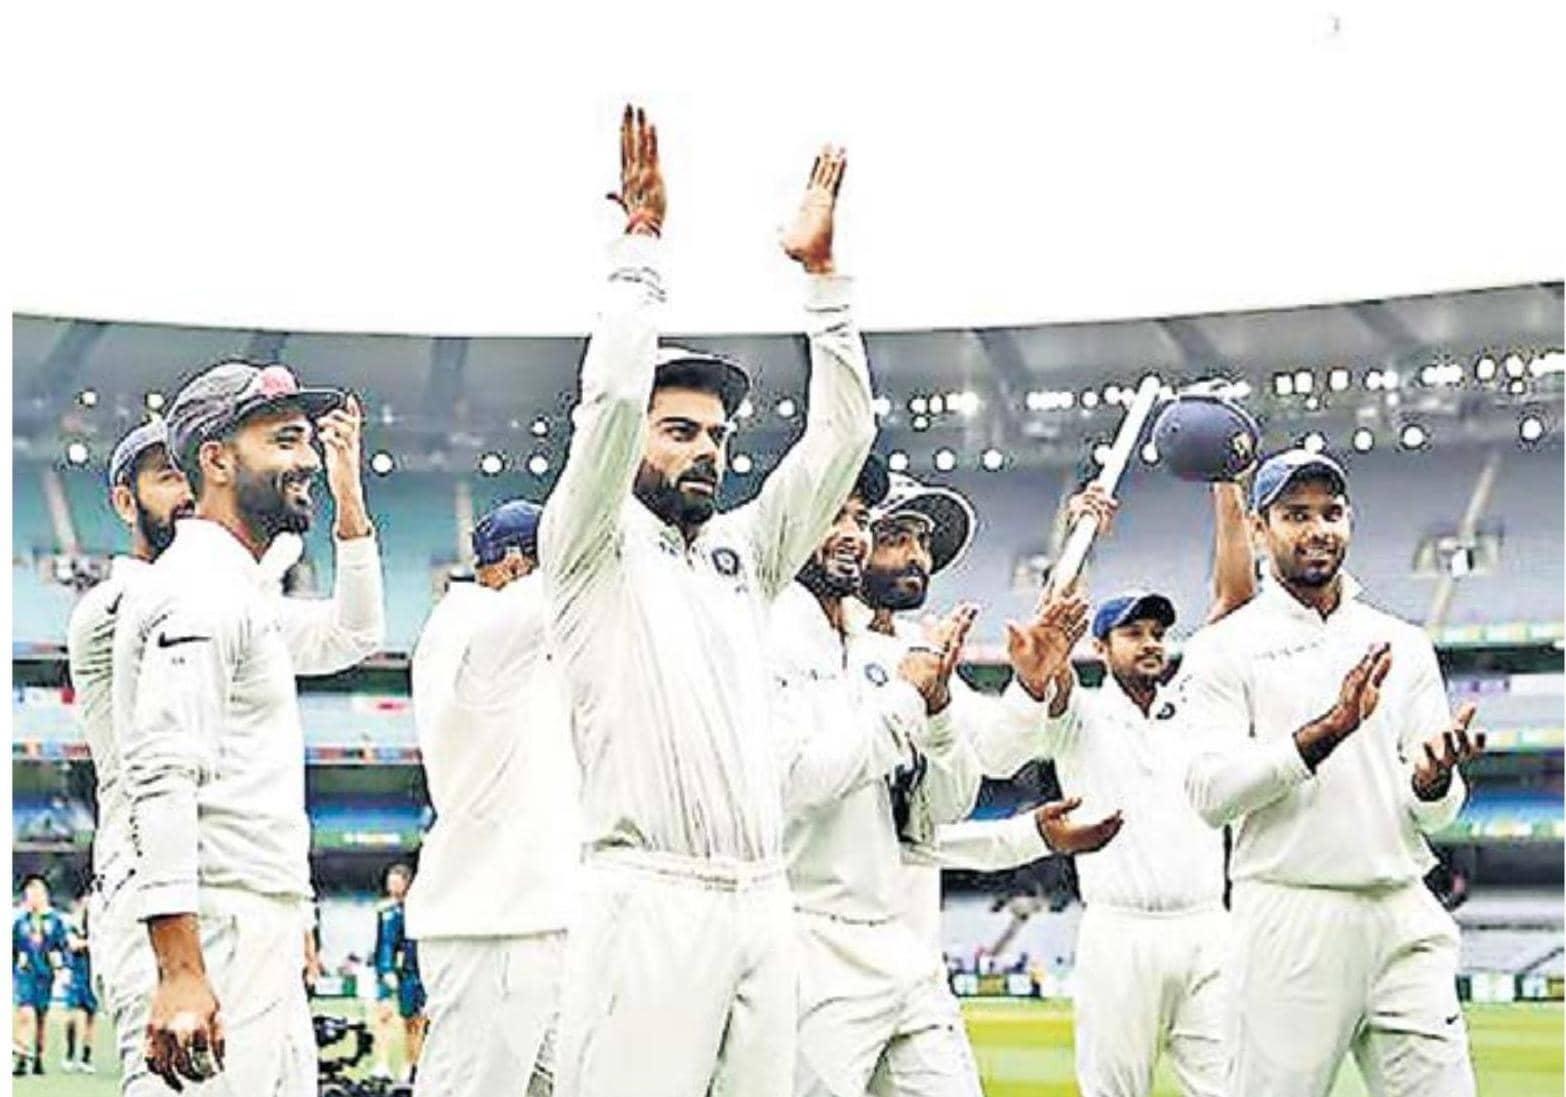 भारत की मेजबानी करेगा ऑस्ट्रेलिया टी-20 विश्व कप के लिए दर्शक बड़ा मुद्दा